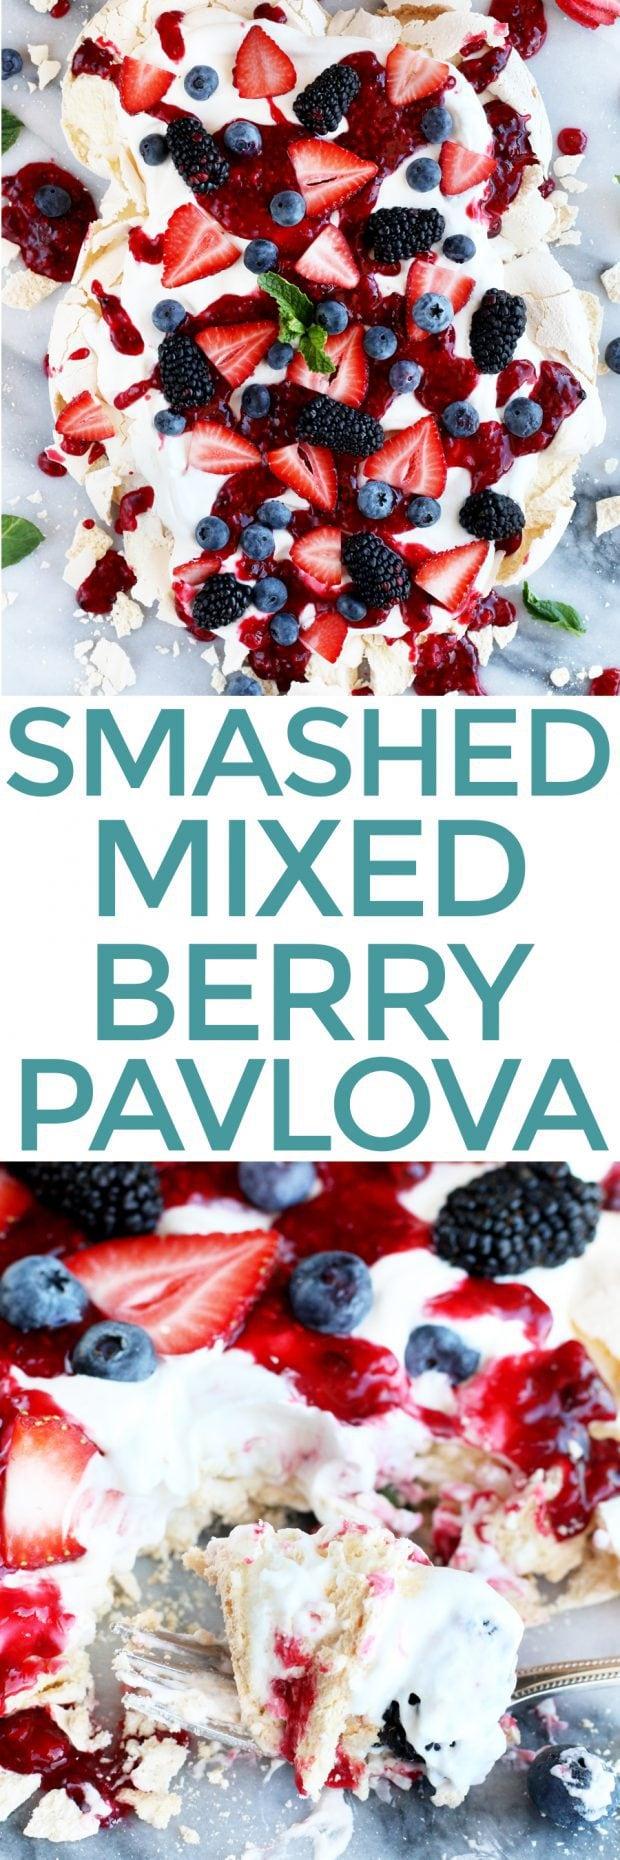 Smashed Mixed Berry Pavlova